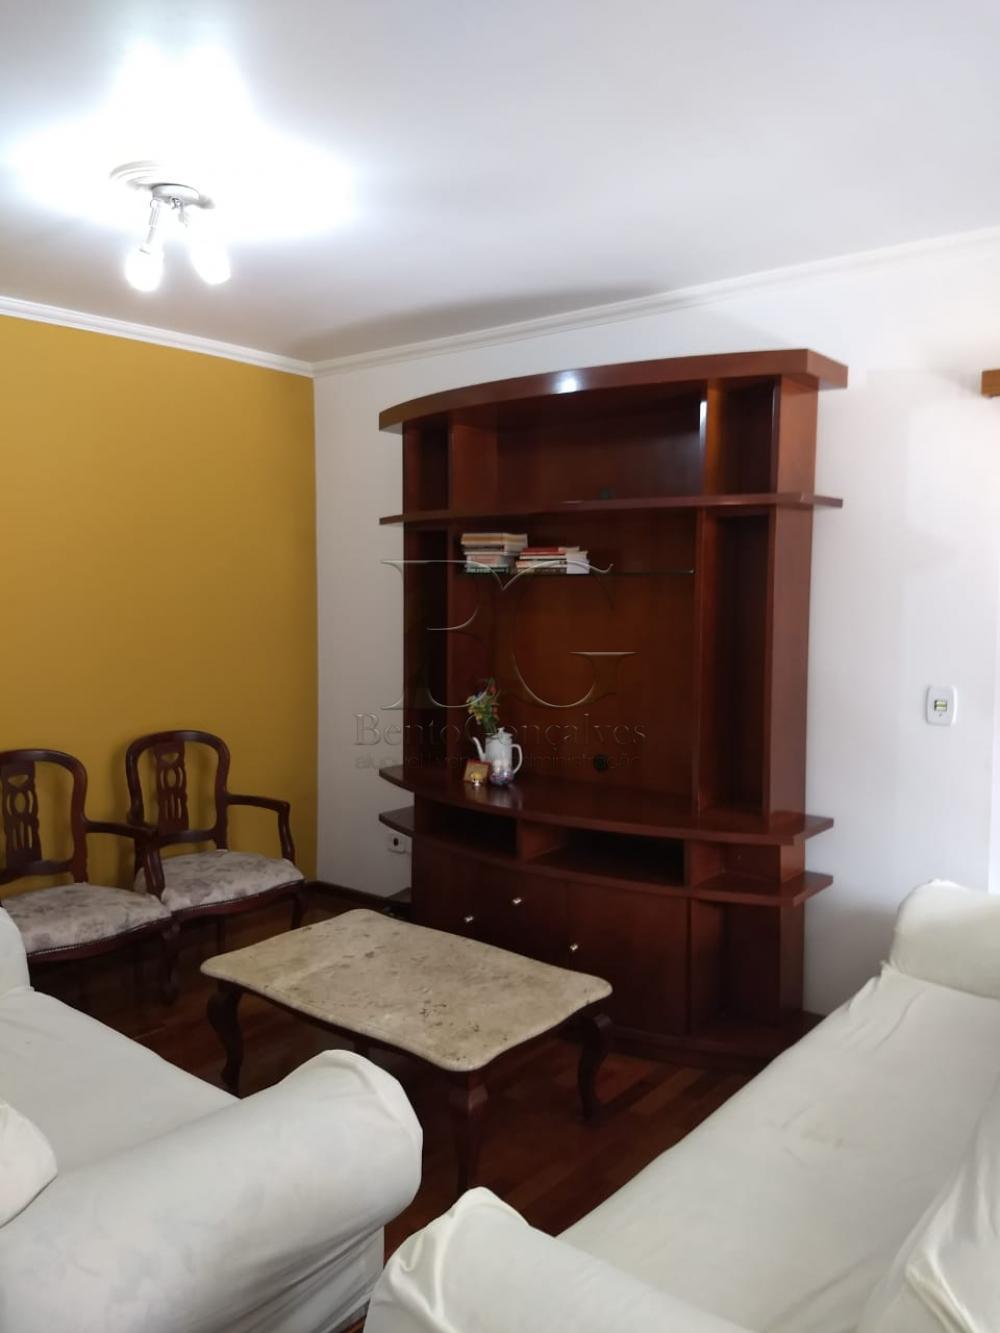 Comprar Apartamentos / Padrão em Poços de Caldas apenas R$ 270.000,00 - Foto 2